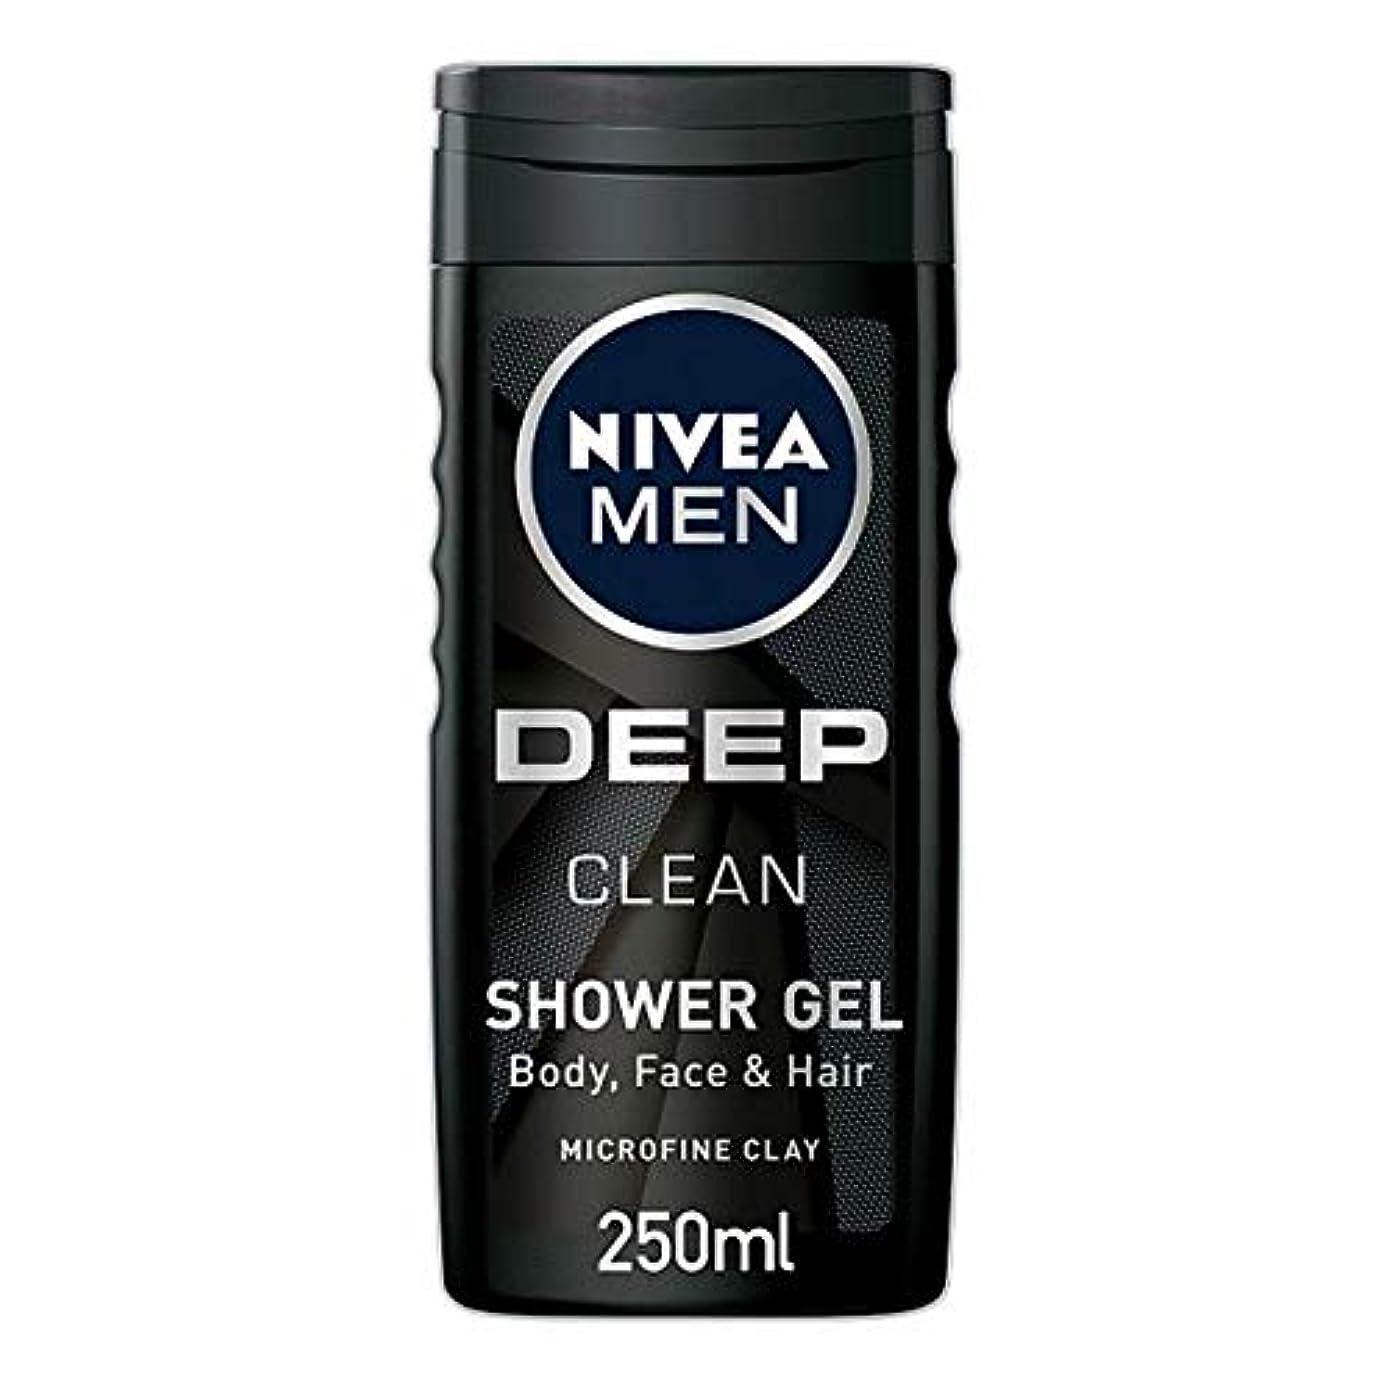 司教不適当ジョブ[Nivea] ニベア男性用シャワージェル深いきれいな250ミリリットル - Nivea Men Shower Gel Deep Clean 250Ml [並行輸入品]